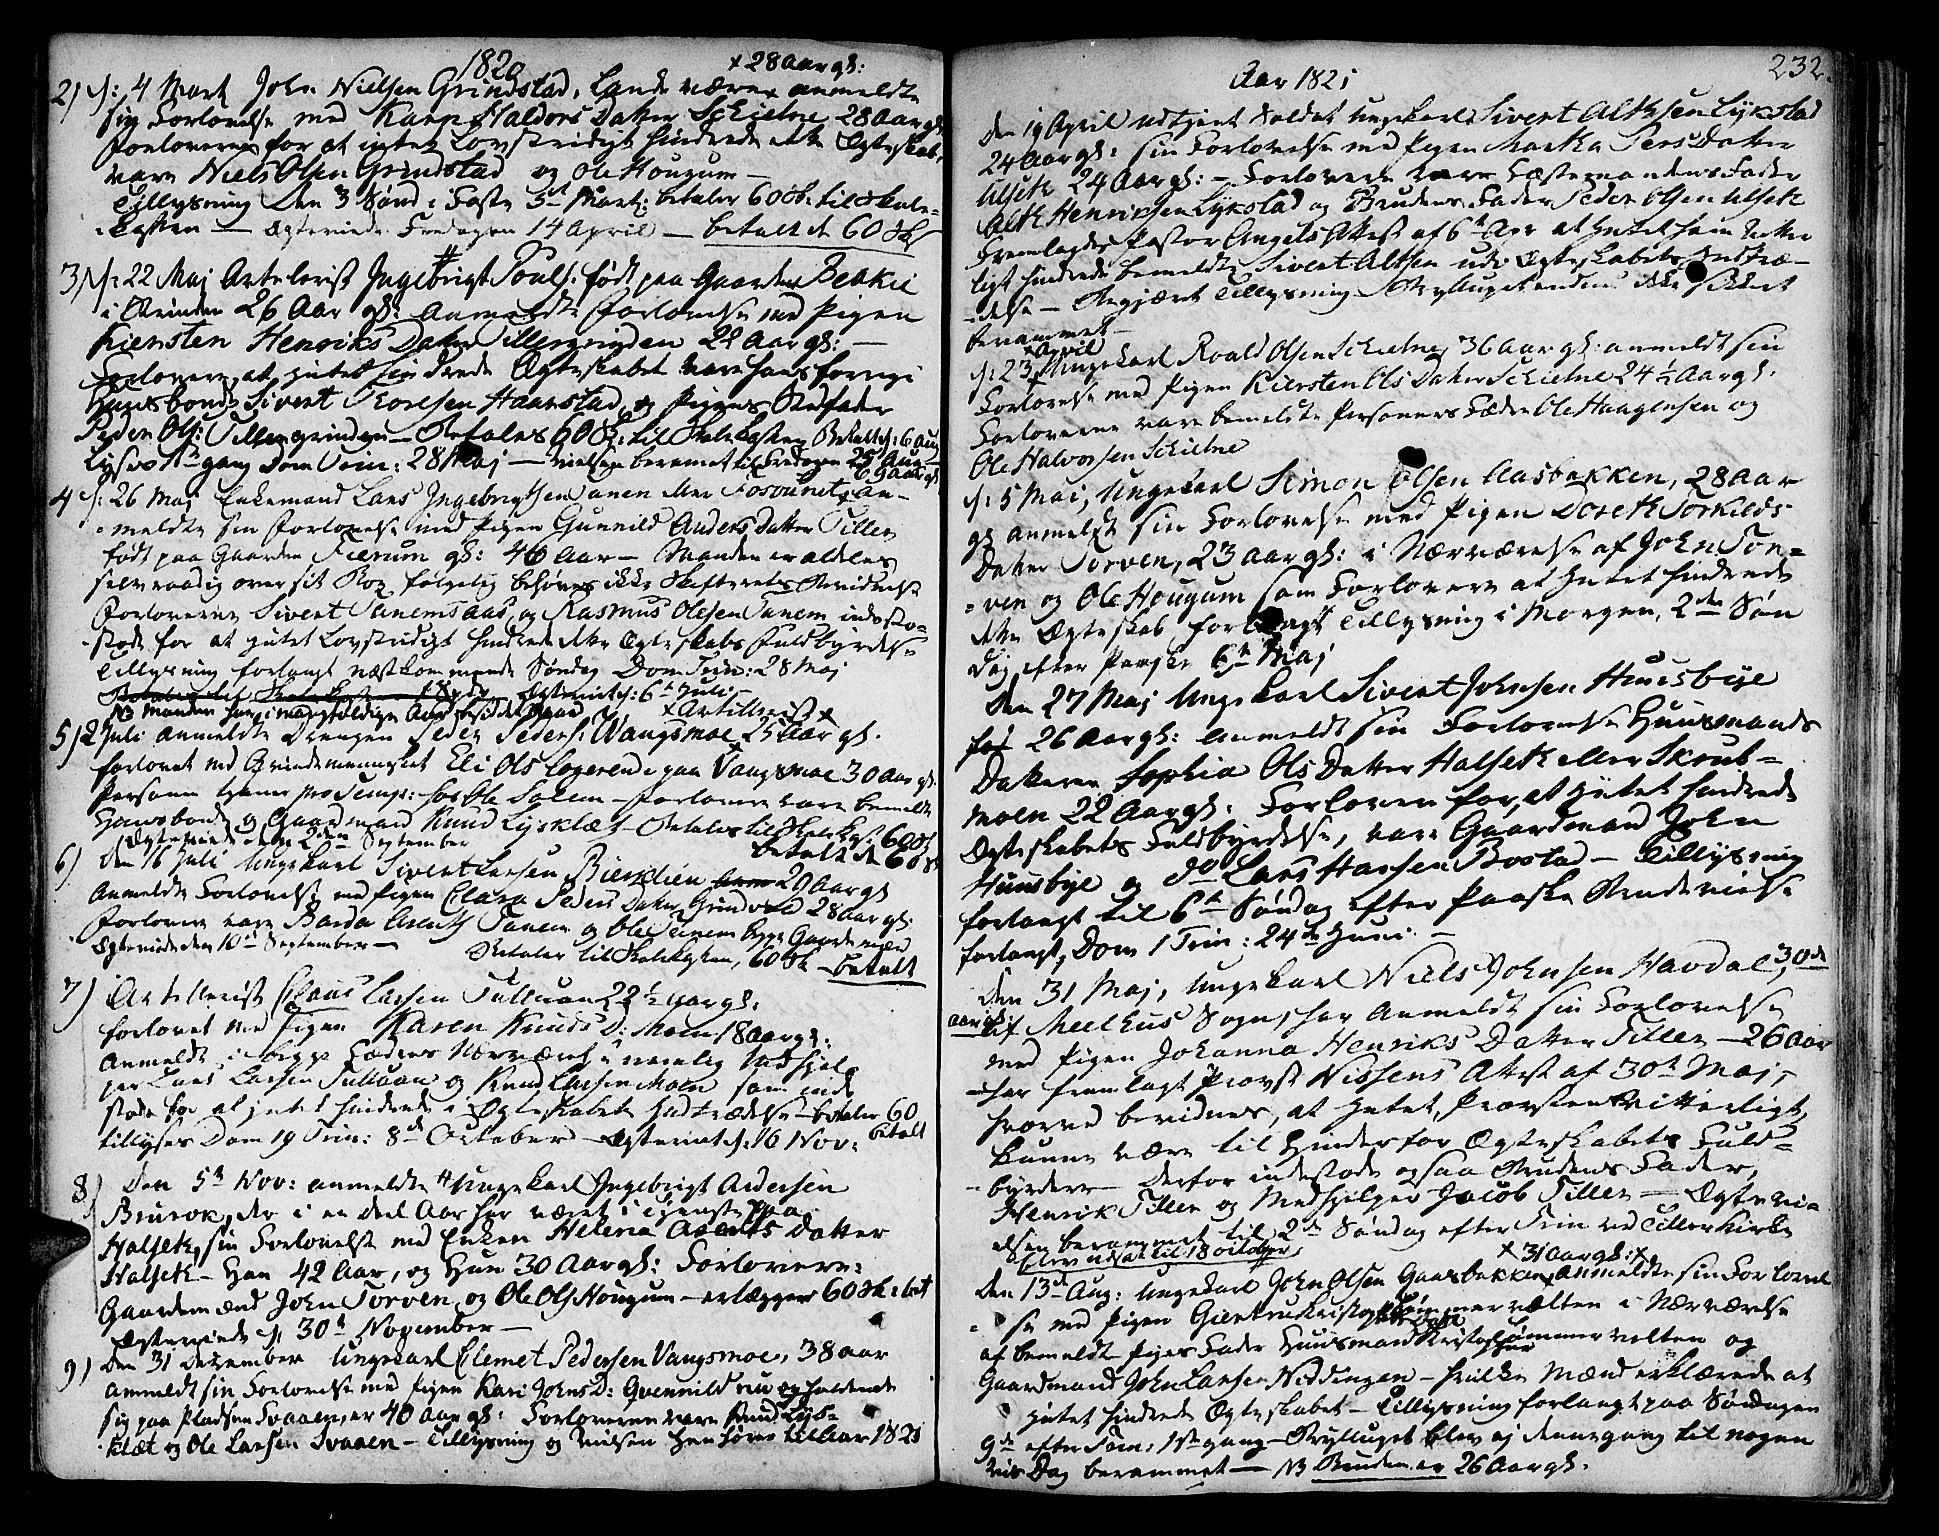 SAT, Ministerialprotokoller, klokkerbøker og fødselsregistre - Sør-Trøndelag, 618/L0438: Ministerialbok nr. 618A03, 1783-1815, s. 232